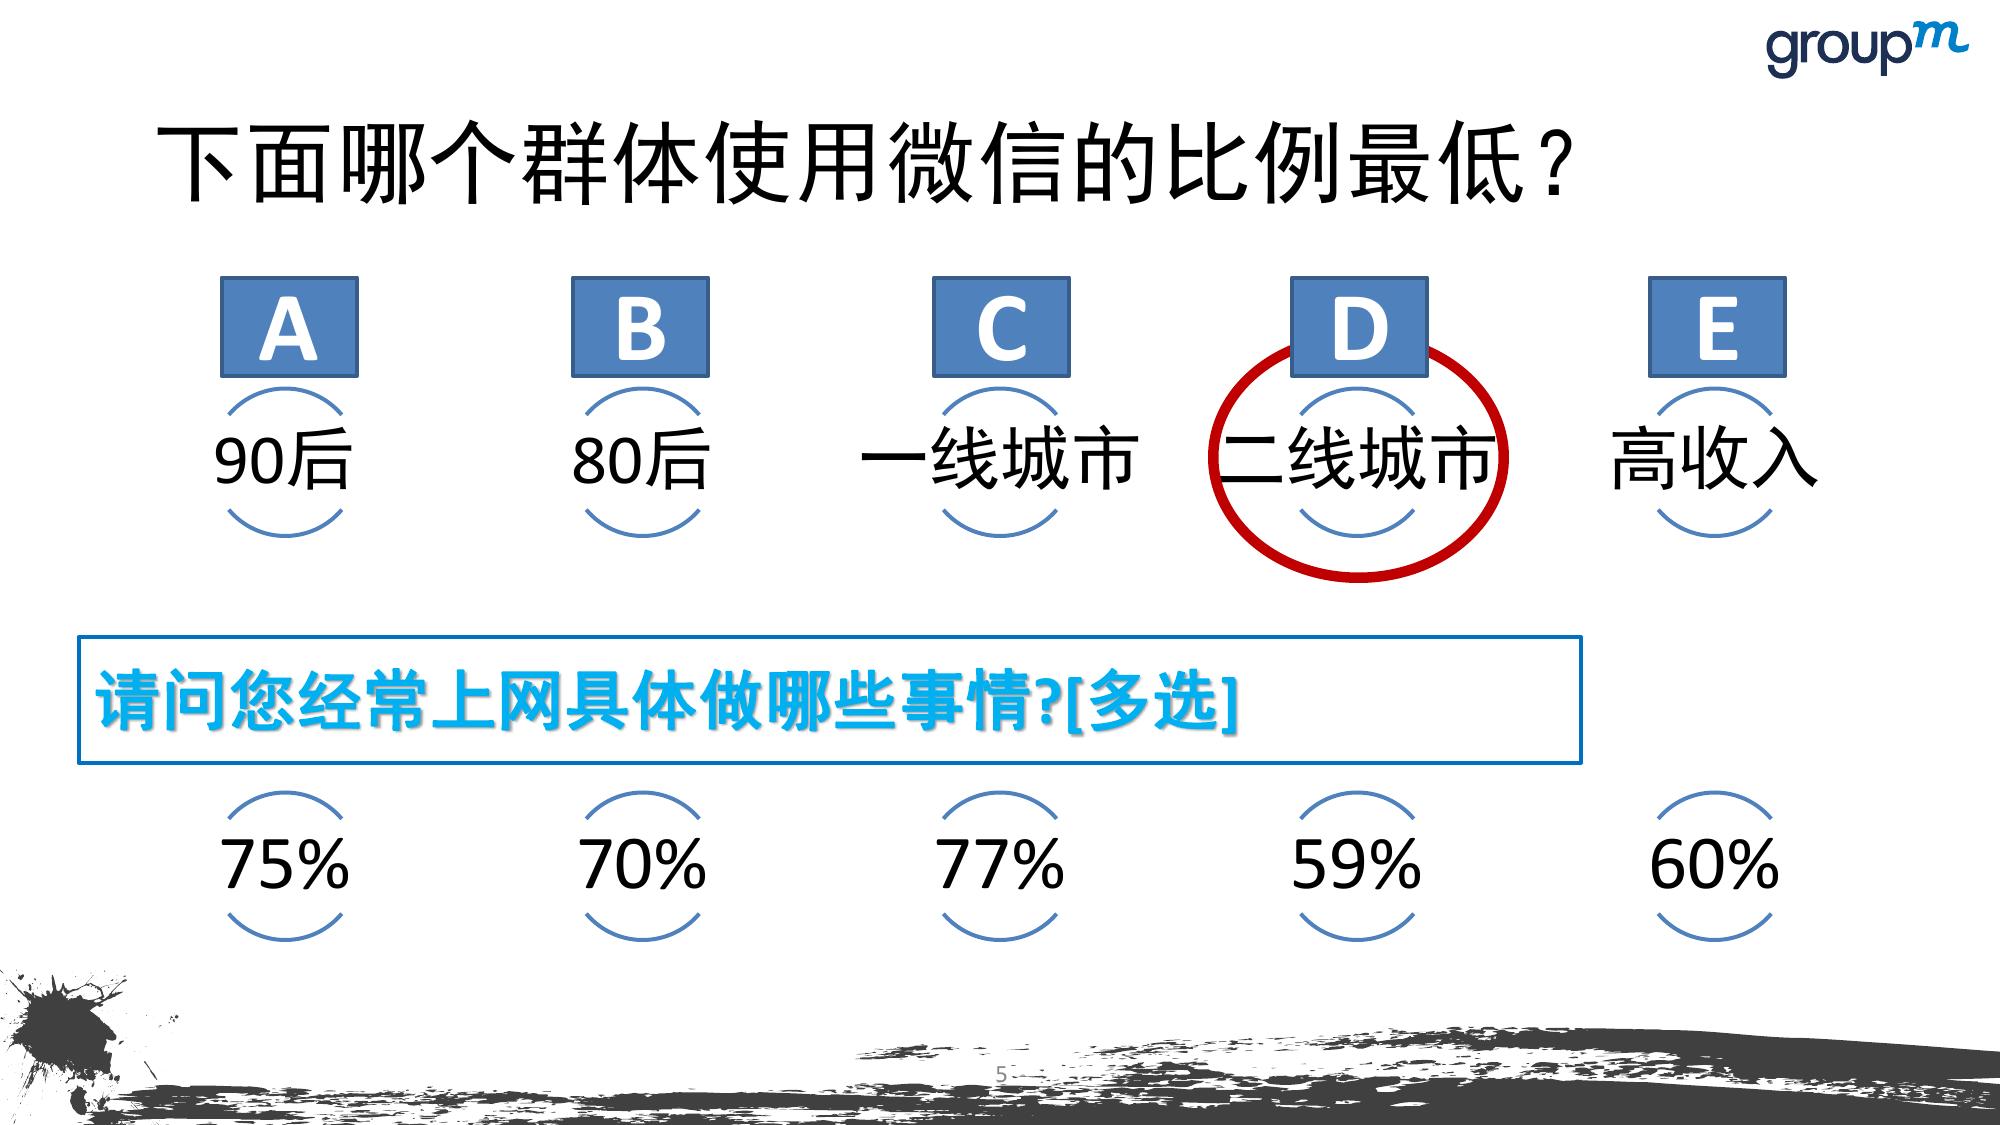 山海今2015中国媒介趋势报告_000005